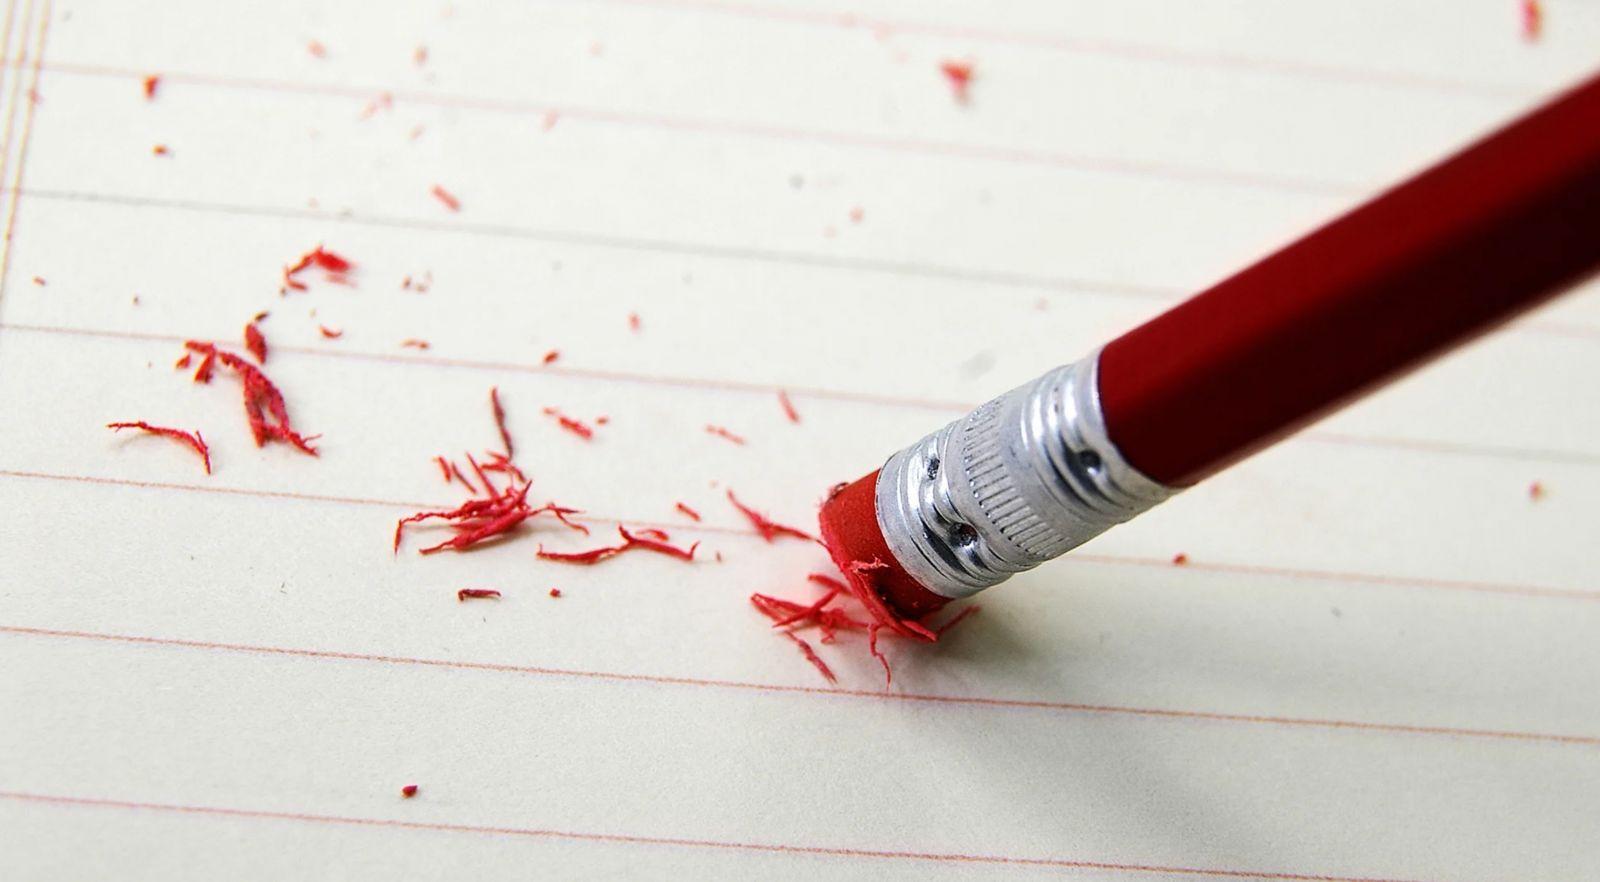 making mistake before deadline